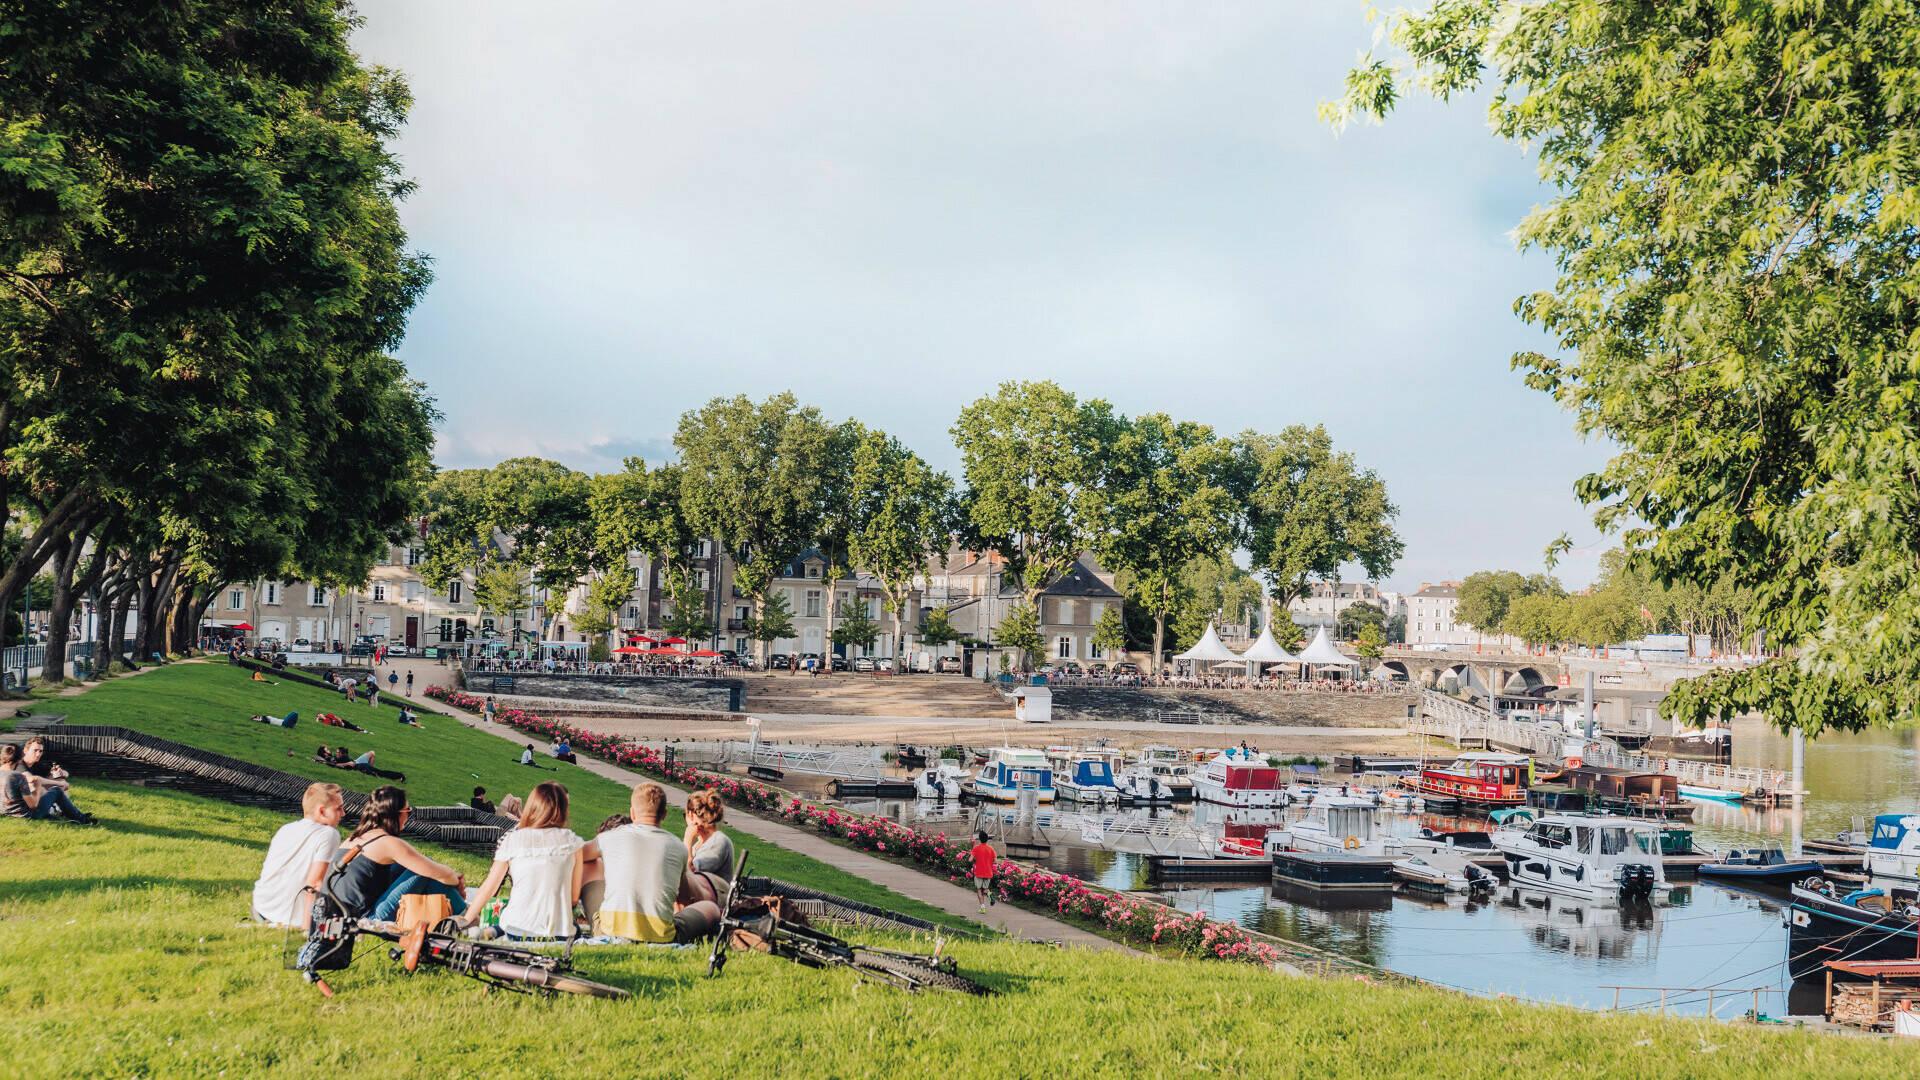 Pique-nique Cale de la Savatte entre amis à Angers